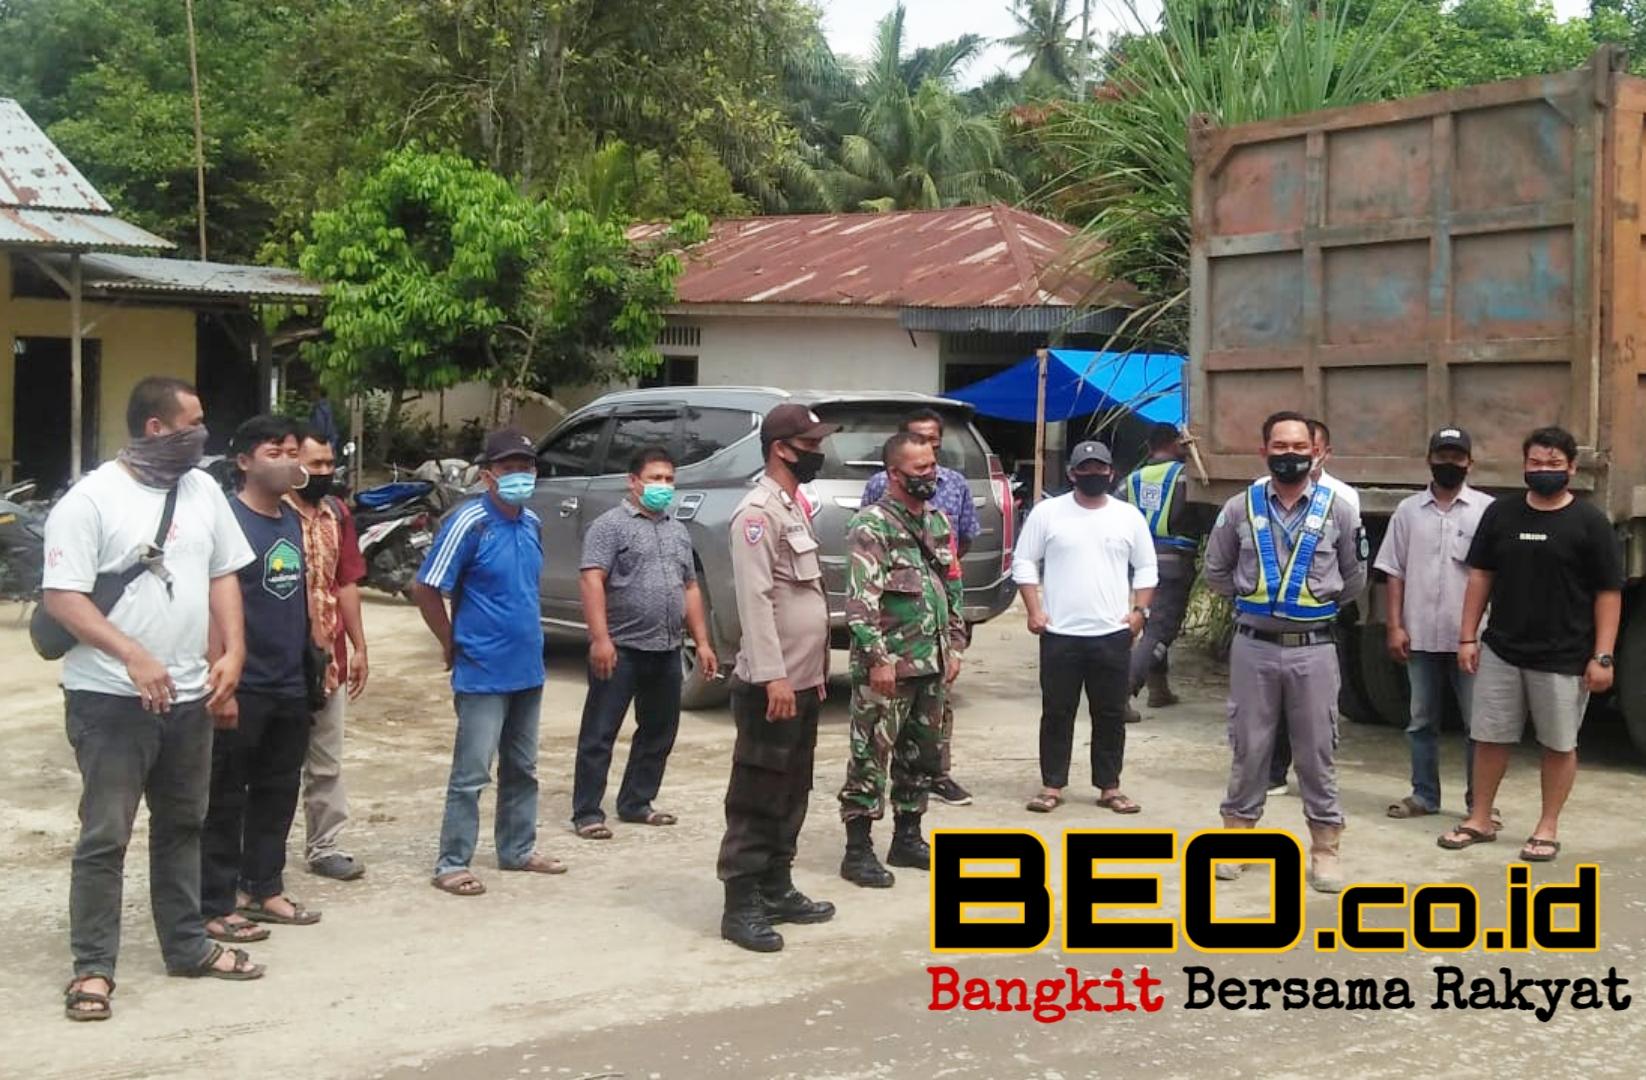 PT. PP Presisi Tidak Mengindahkan Somasi 3 Desa, Masyarakat Blokade Jalan